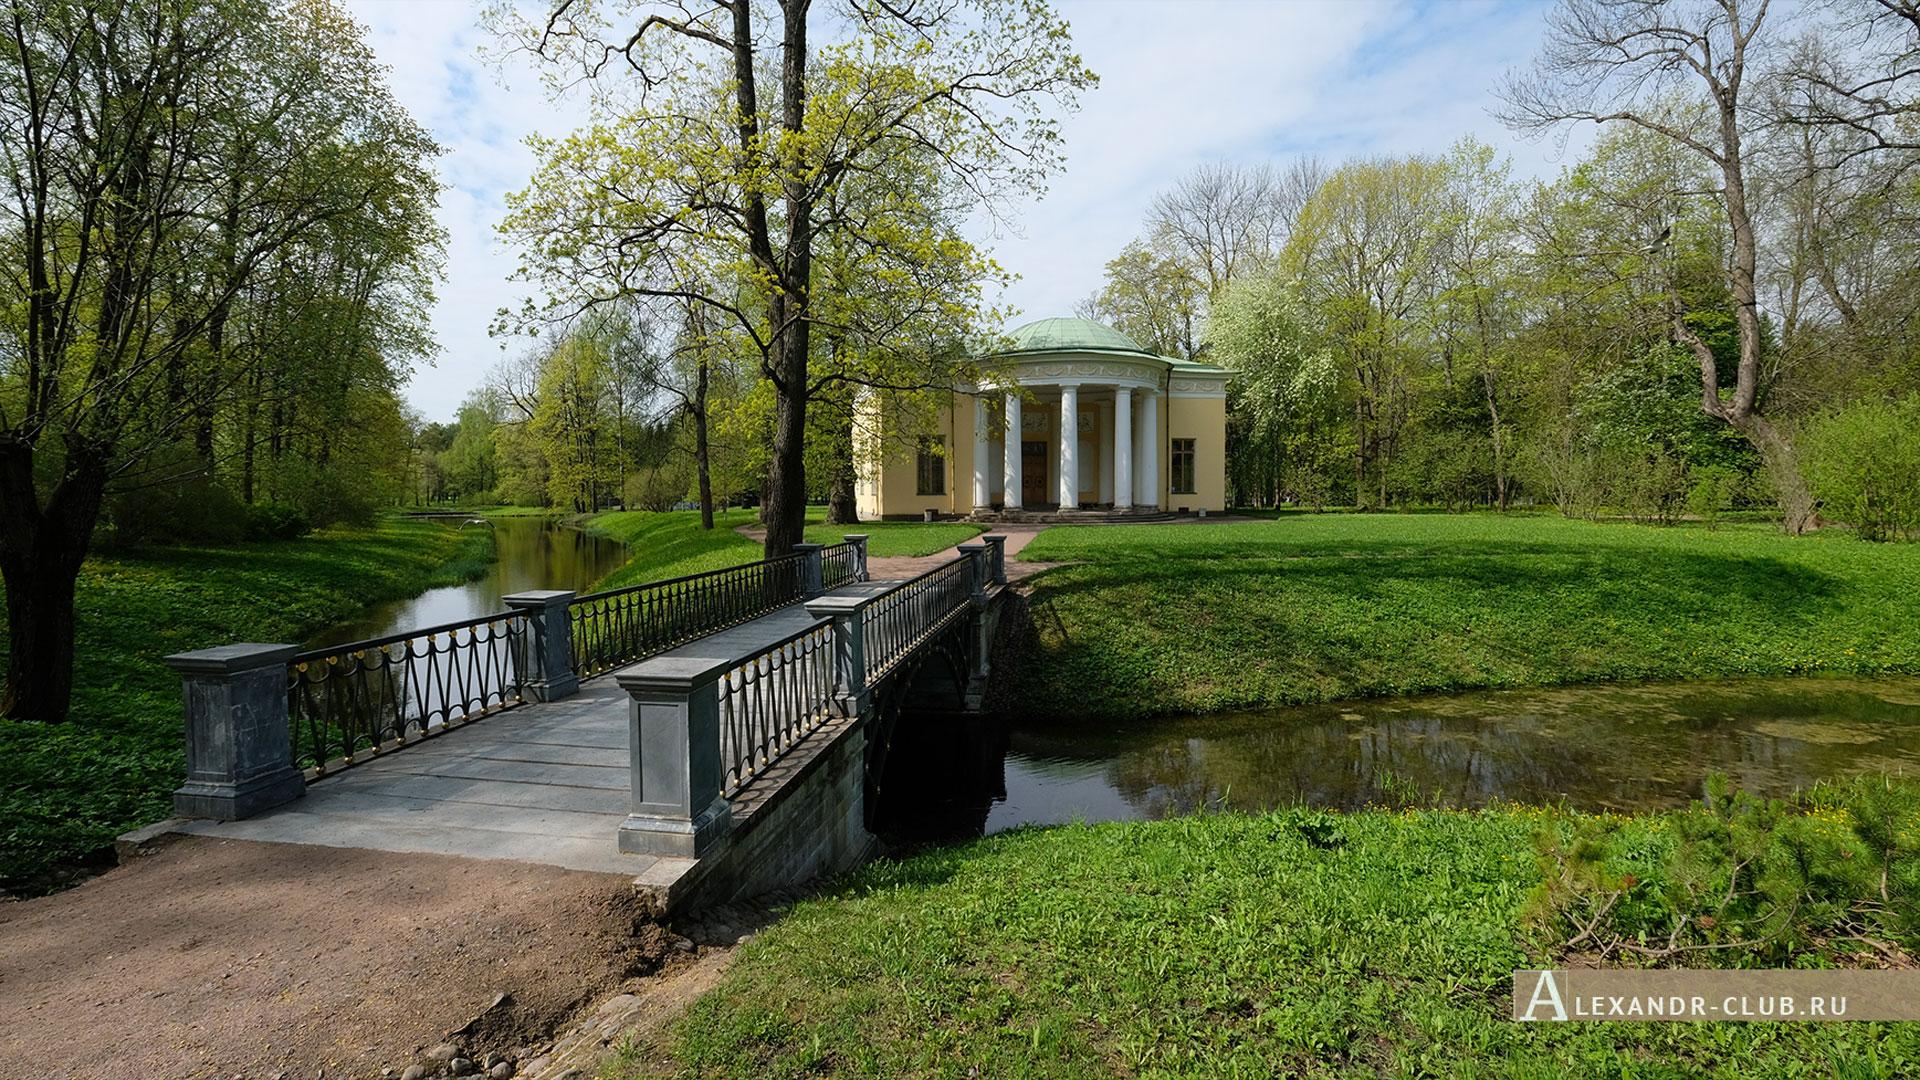 Царское Село, весна, Екатерининский парк, павильон «Концертный зал»